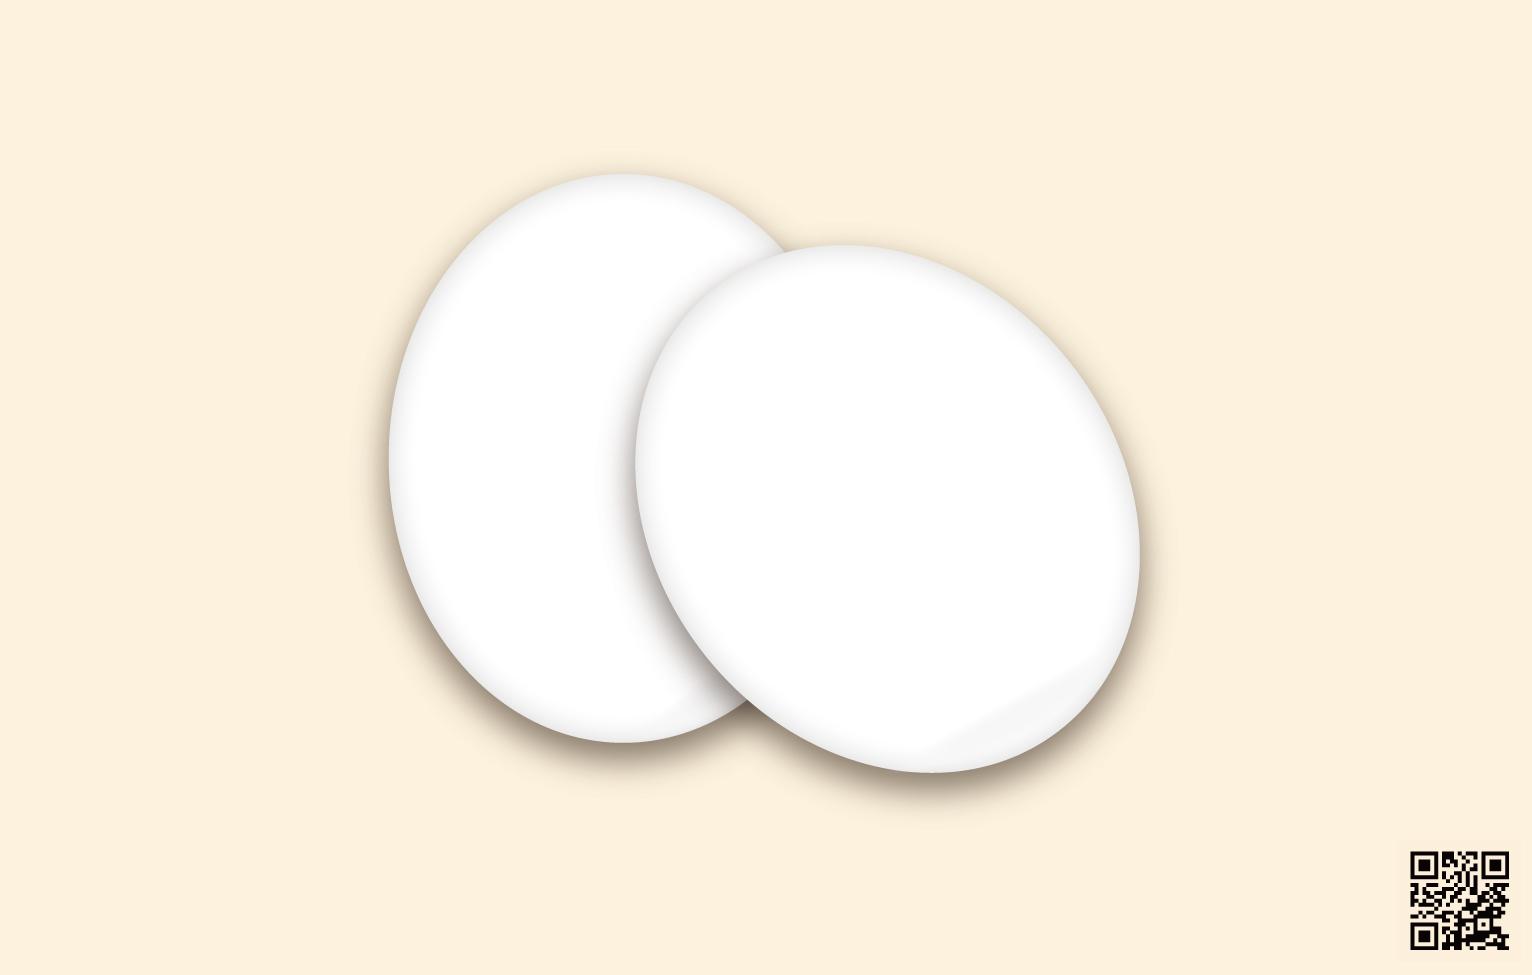 サラリーマンの平日のお昼代を「ゆで卵」にして5日間「200円」で乗り切る究極の方法【節約】